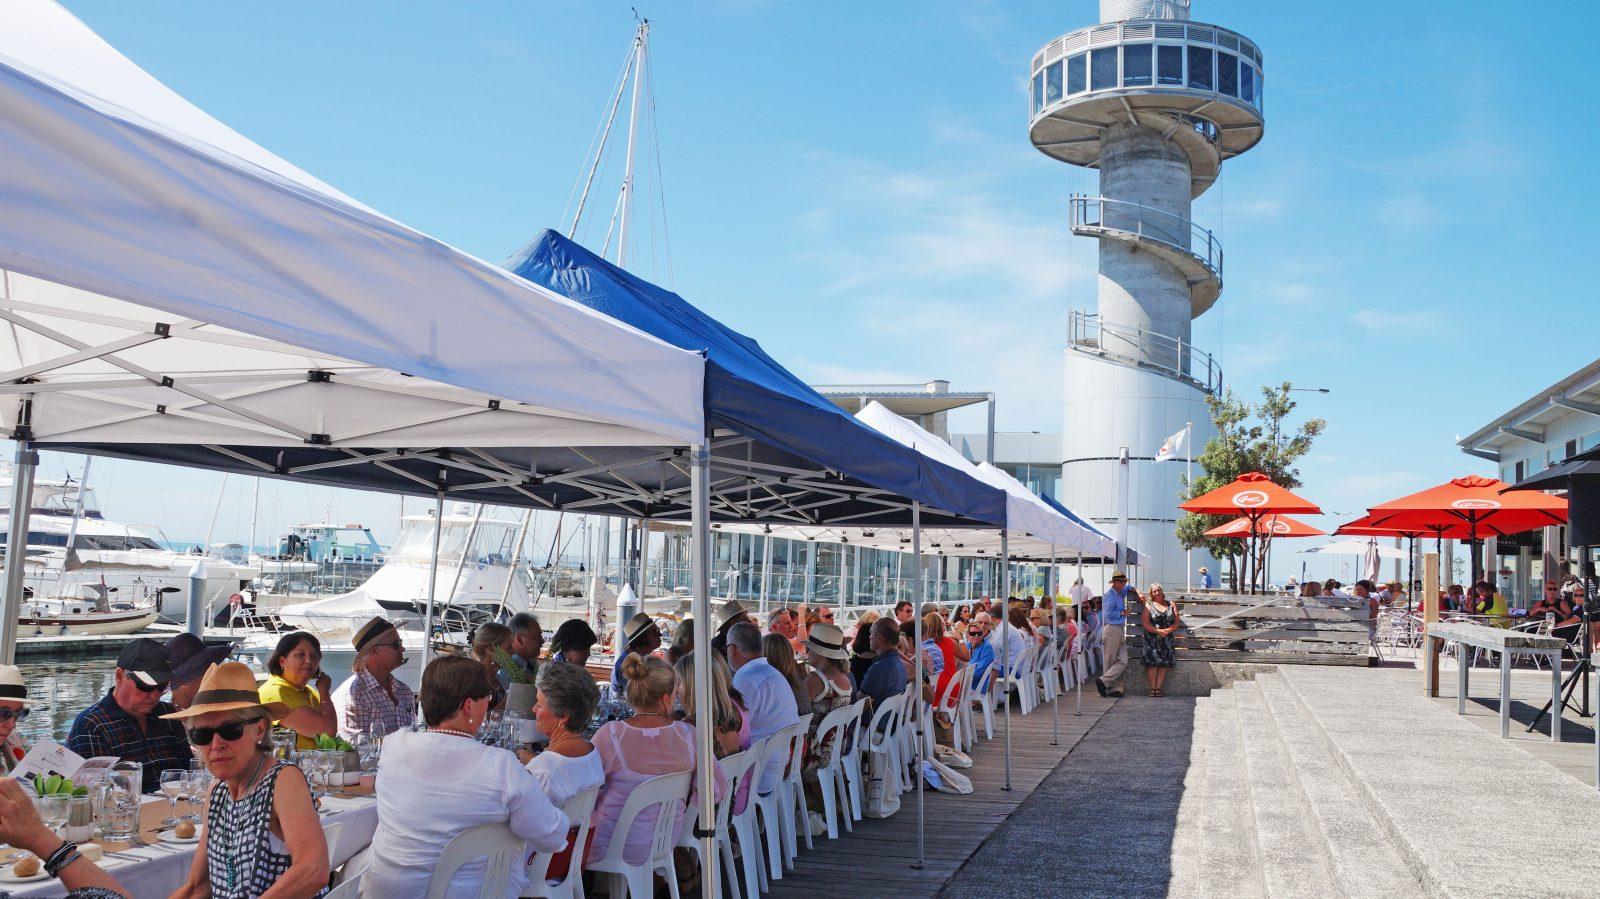 Longest lunch held at the board walk of Queenscliff Harbour